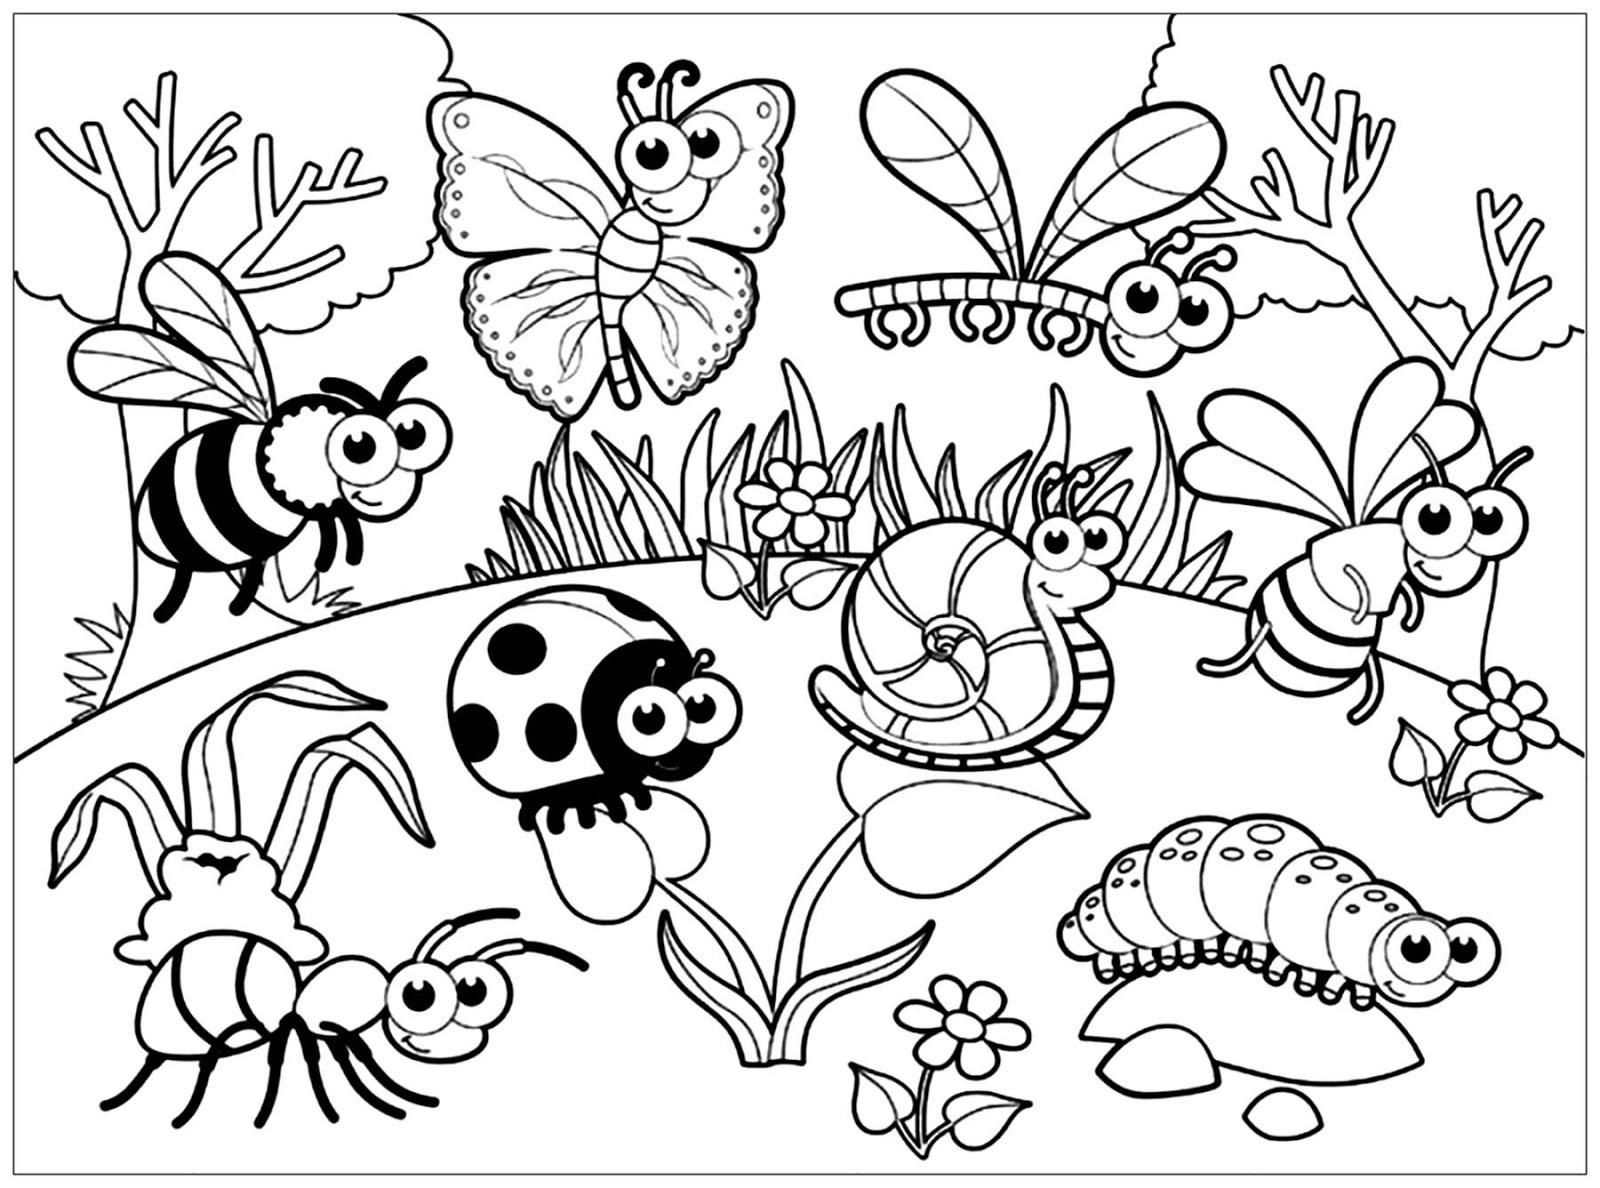 Tranh tô màu những con côn trùng đẹp